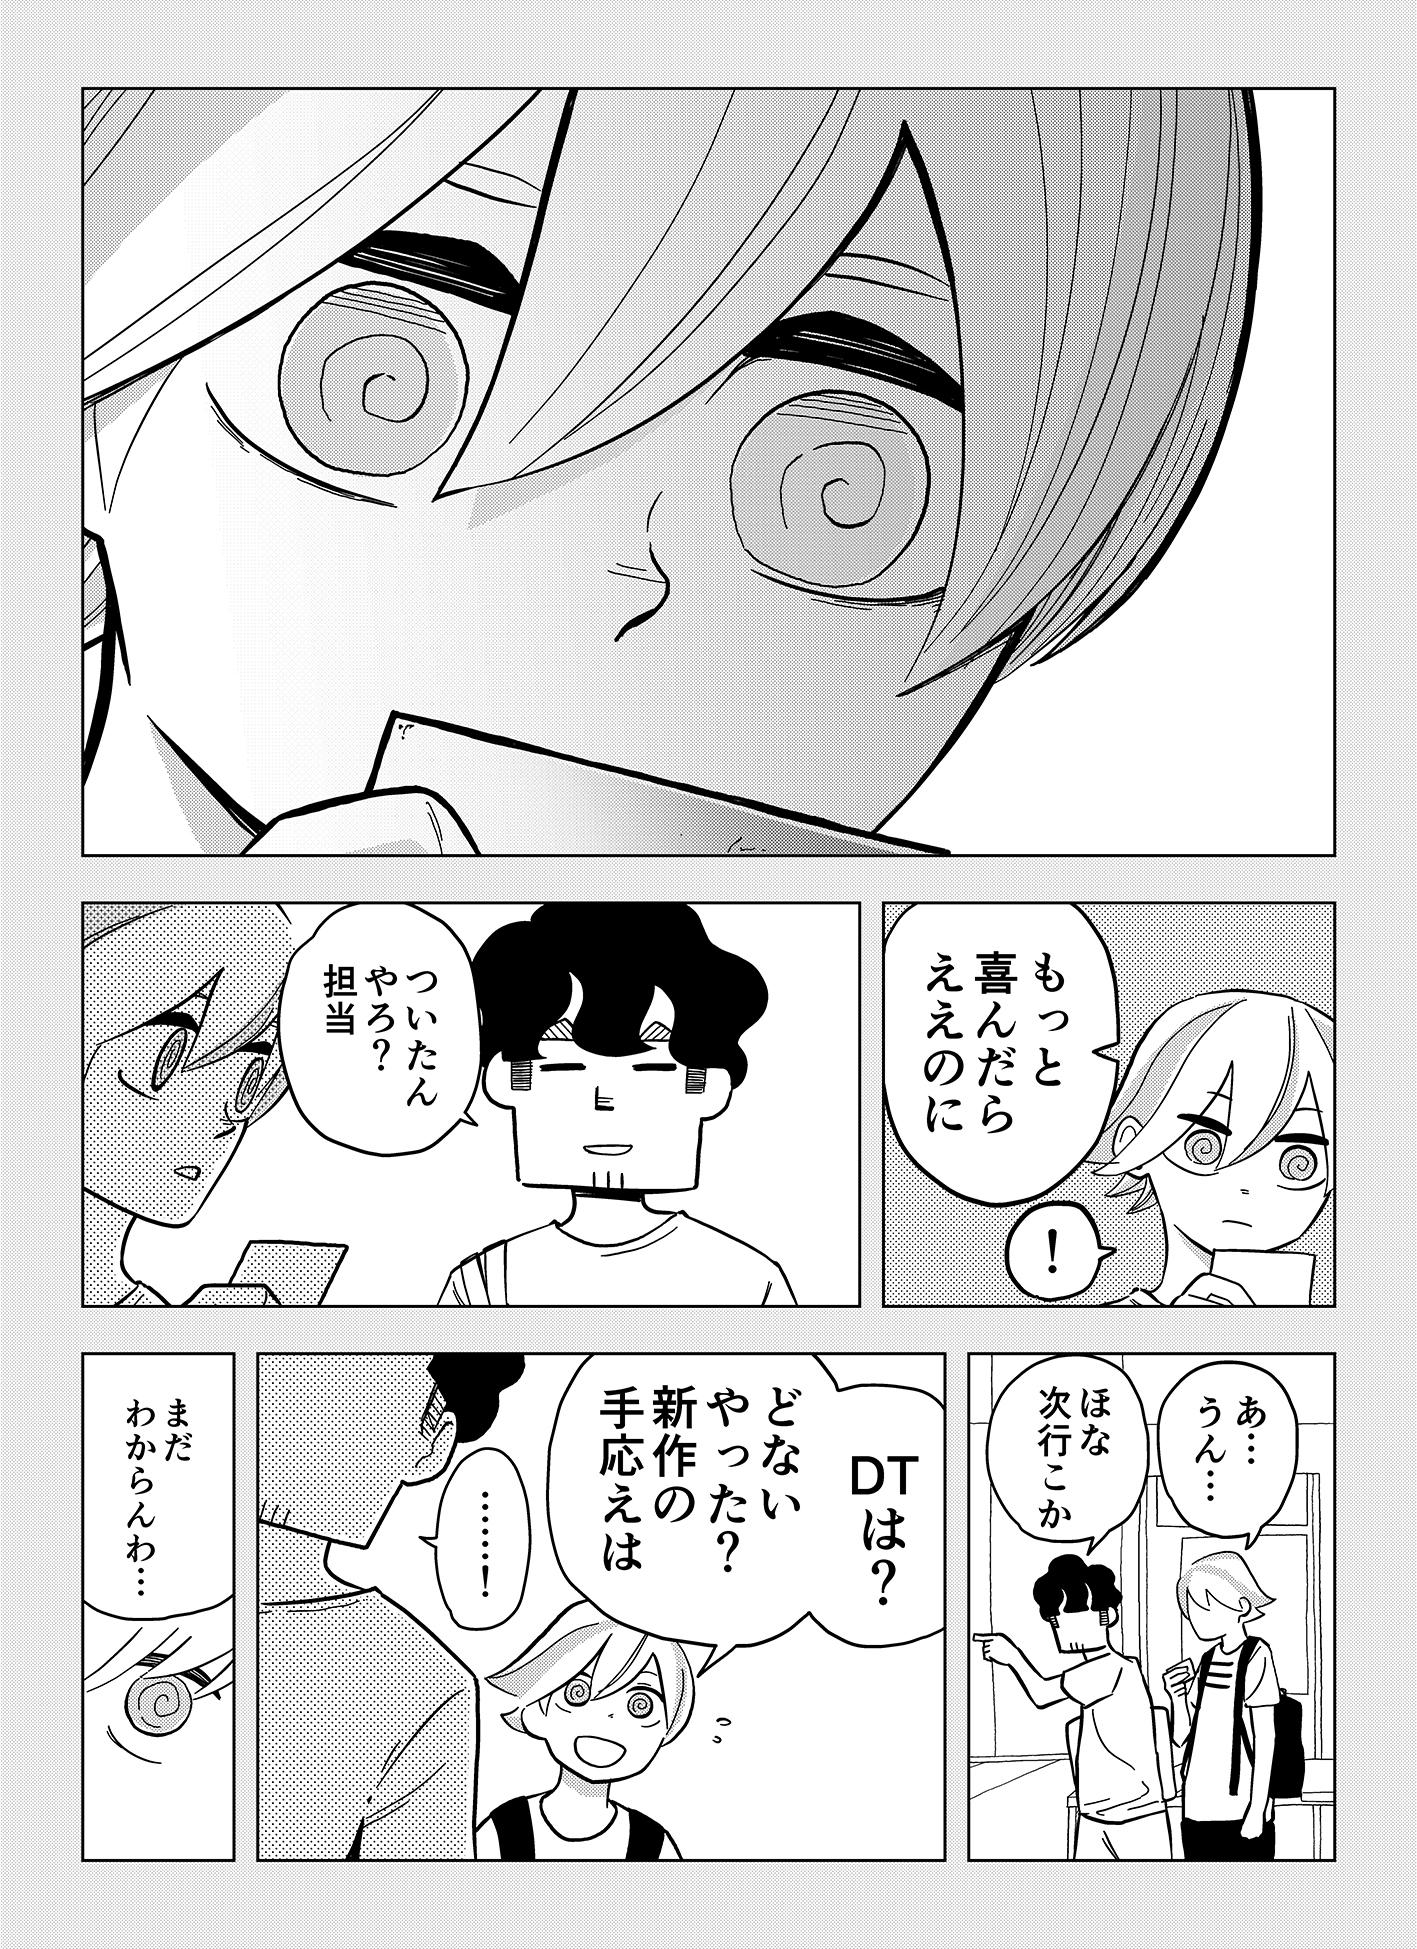 share14_07